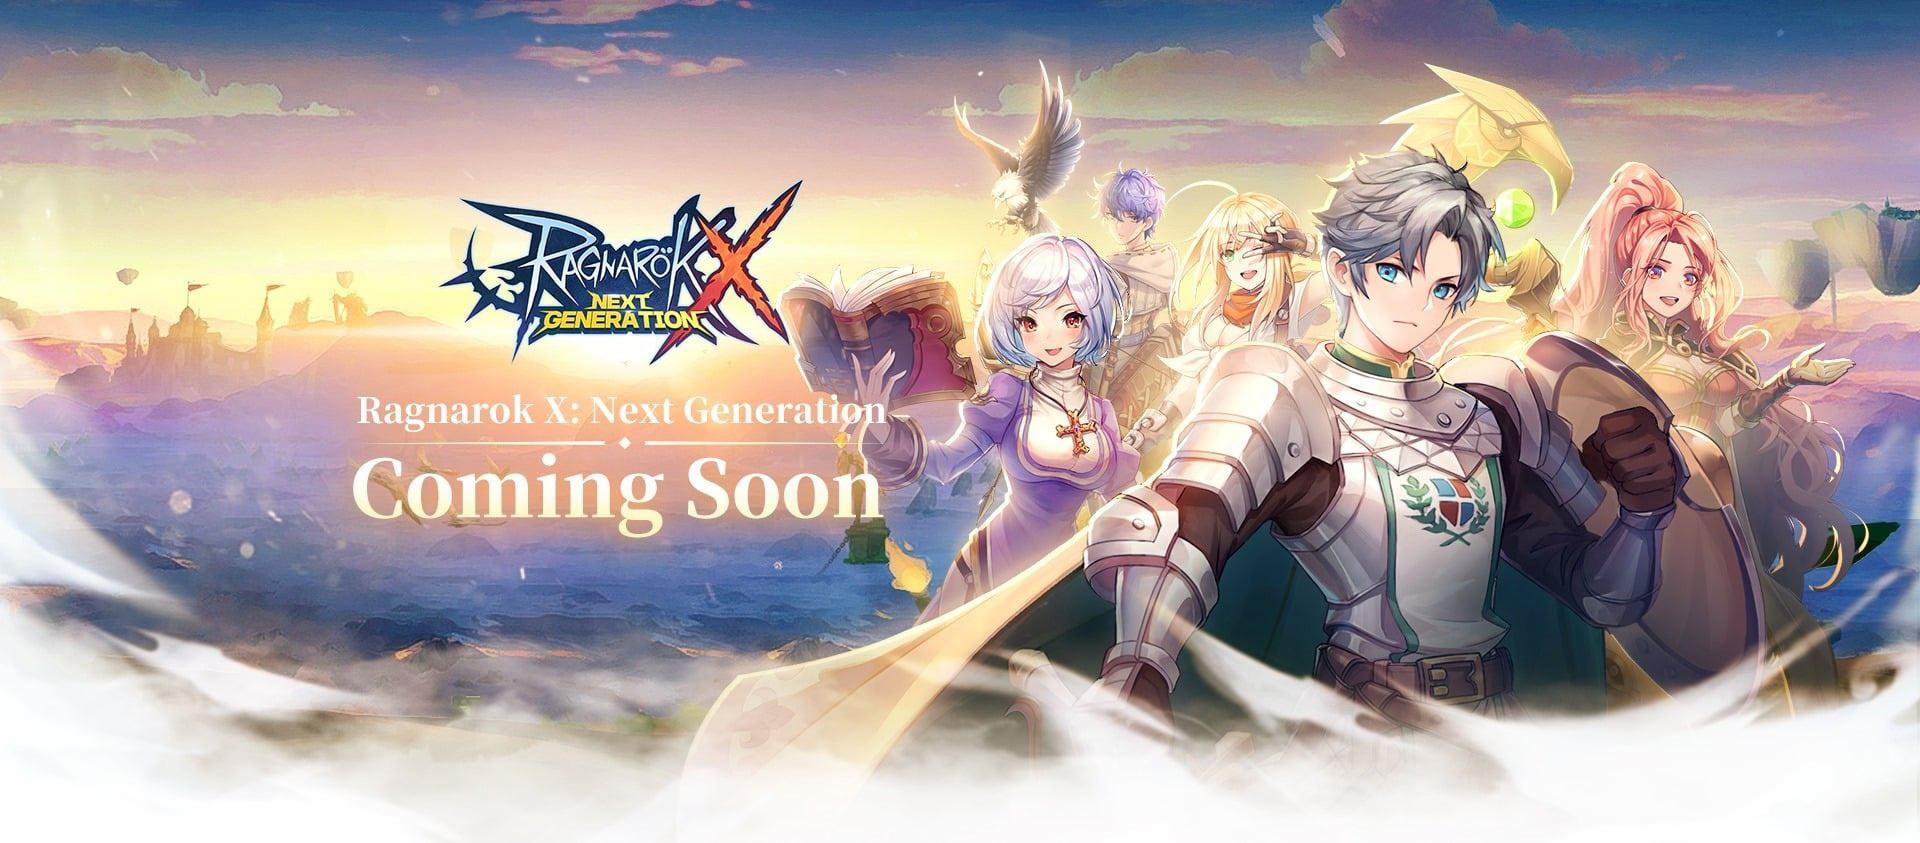 Ragnarok X: Next Generation mở đăng ký sớm